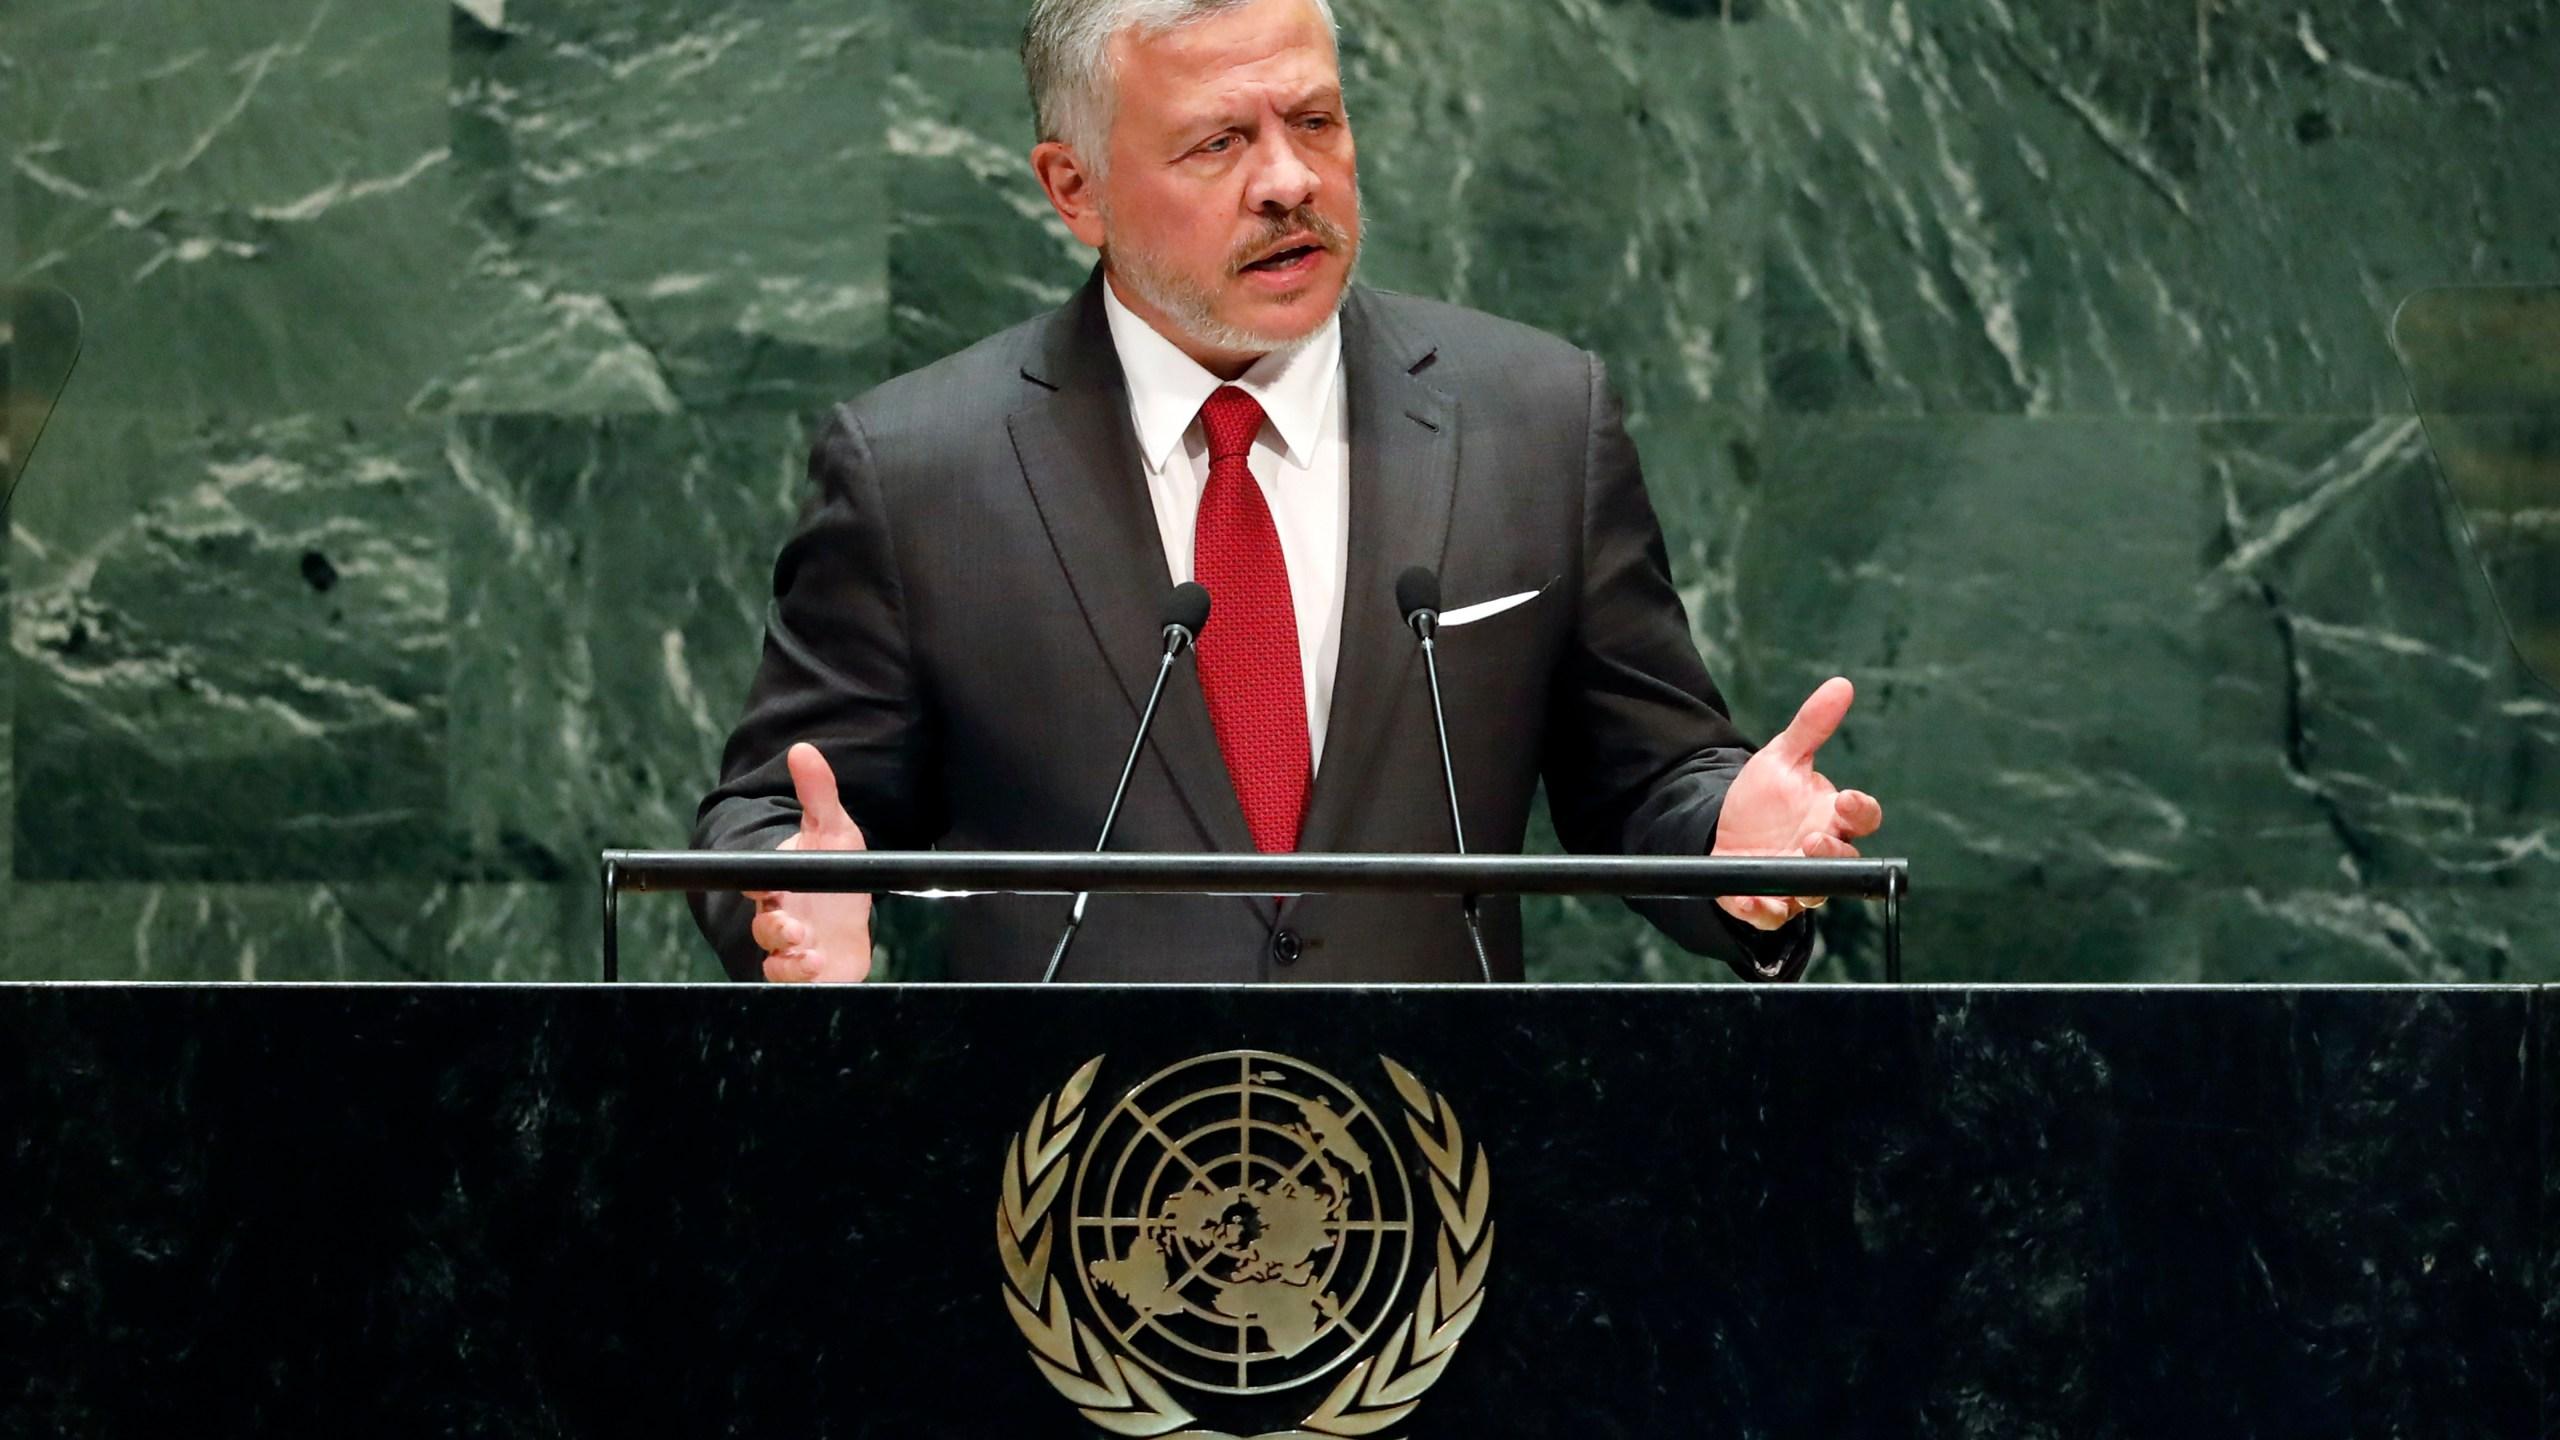 King Abdullah II ibn Al Hussein